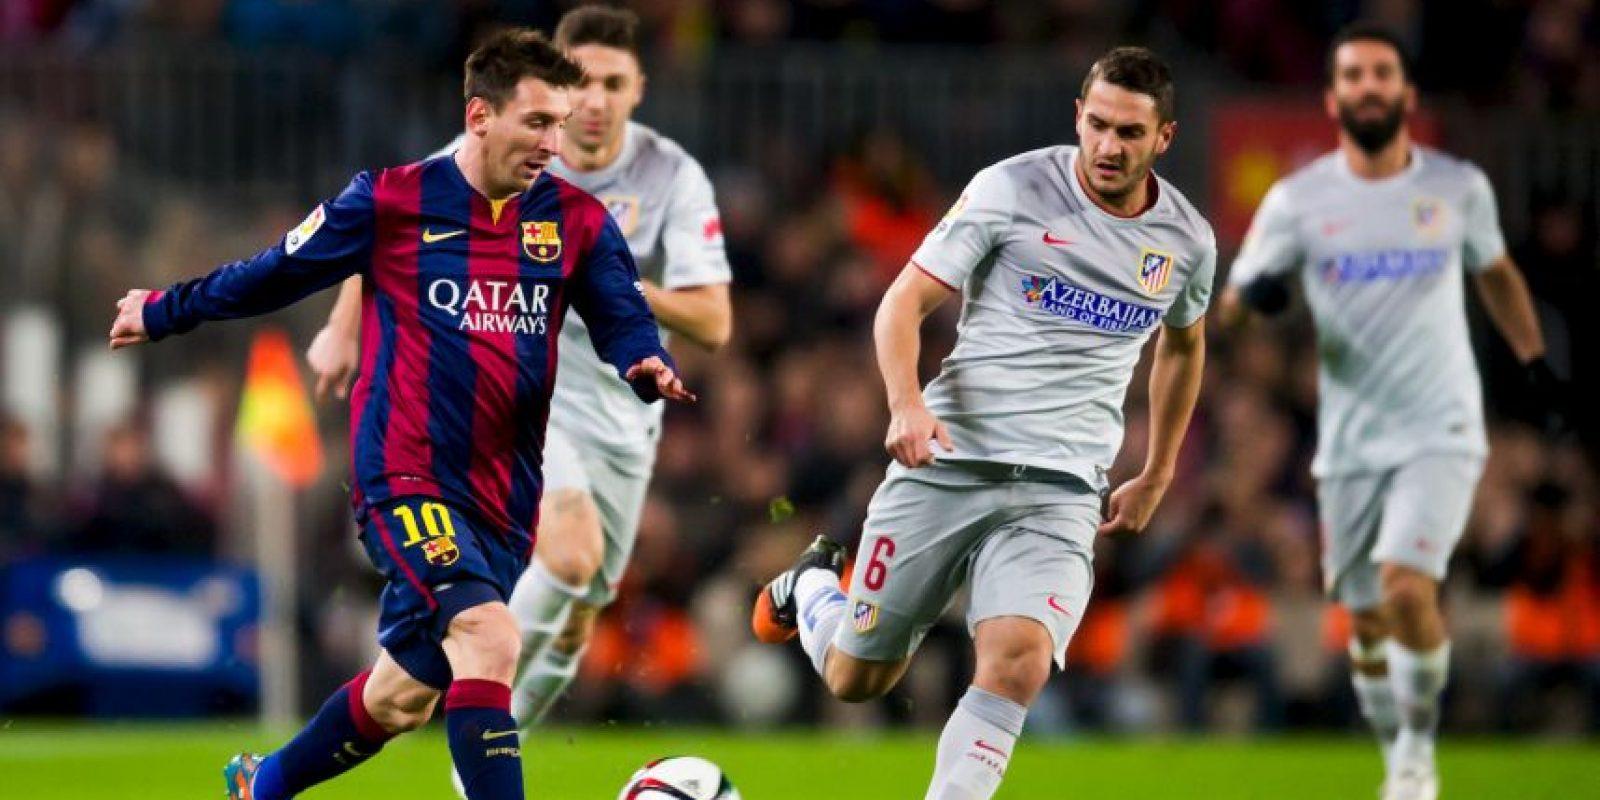 Lionel Messi: El padre del astro argentino contó que su hijo nunca jugaría para los merengues Foto:Getty